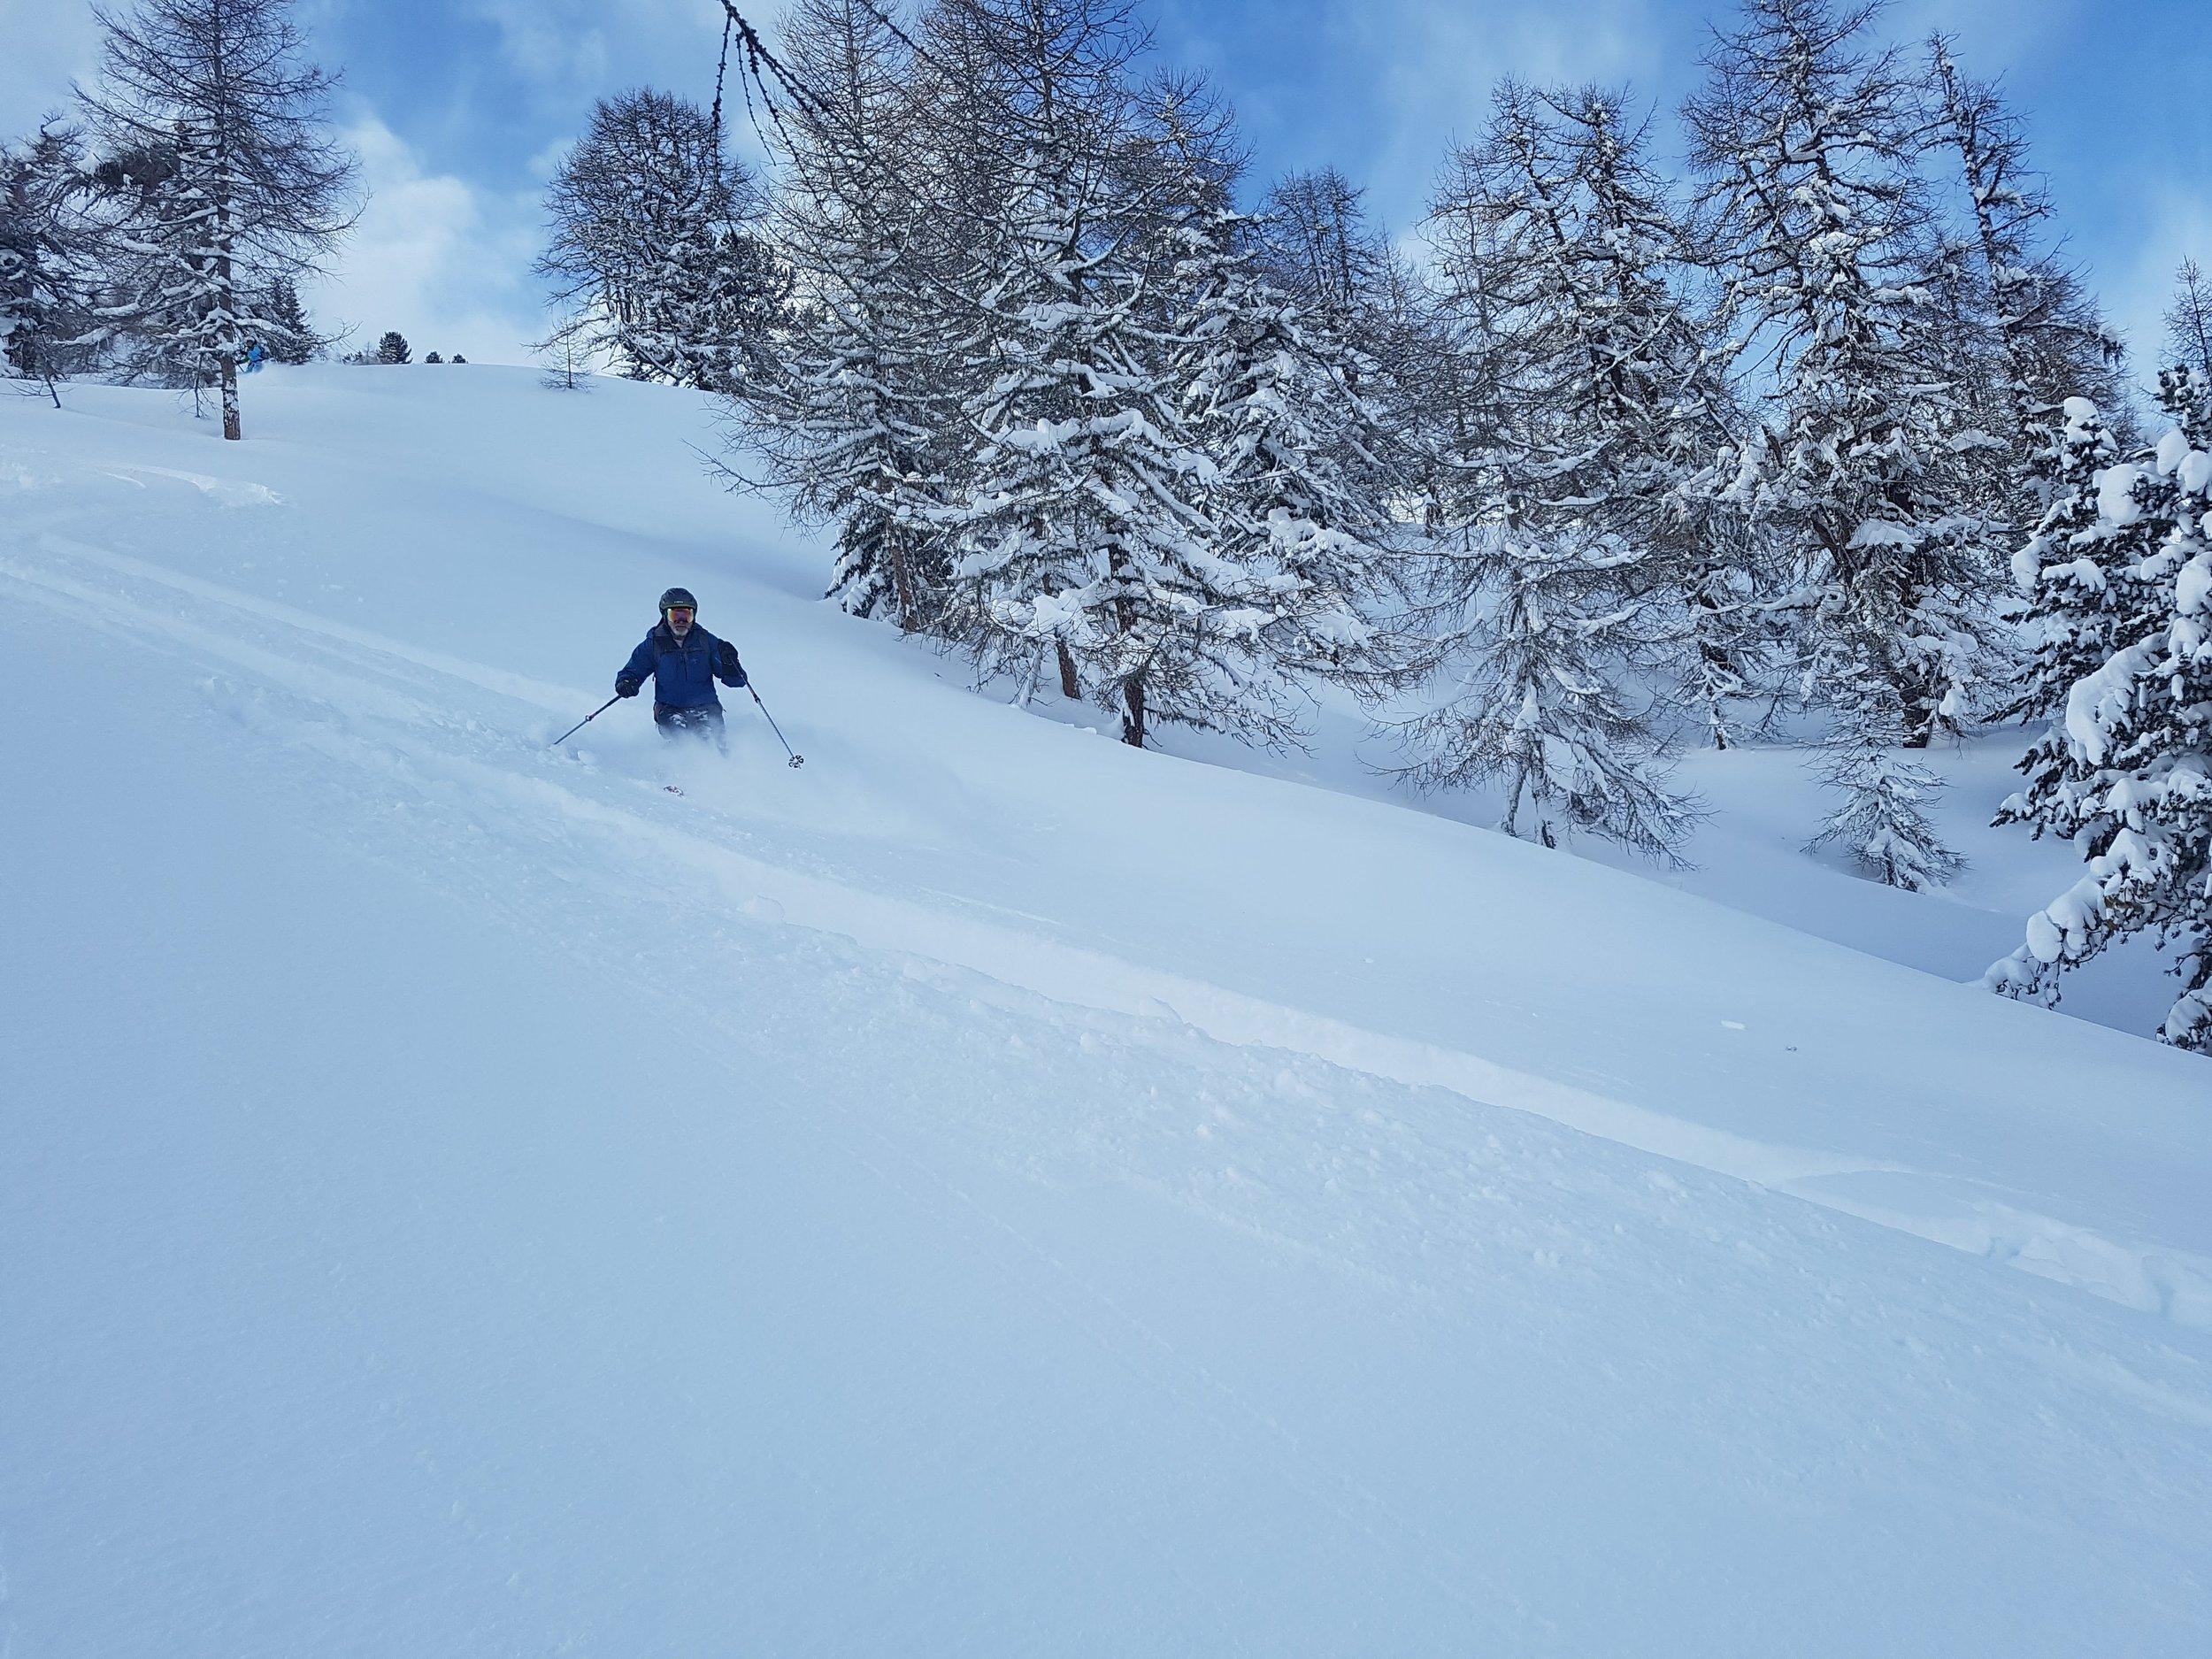 Tree skiing in a secret spot in Switzerland